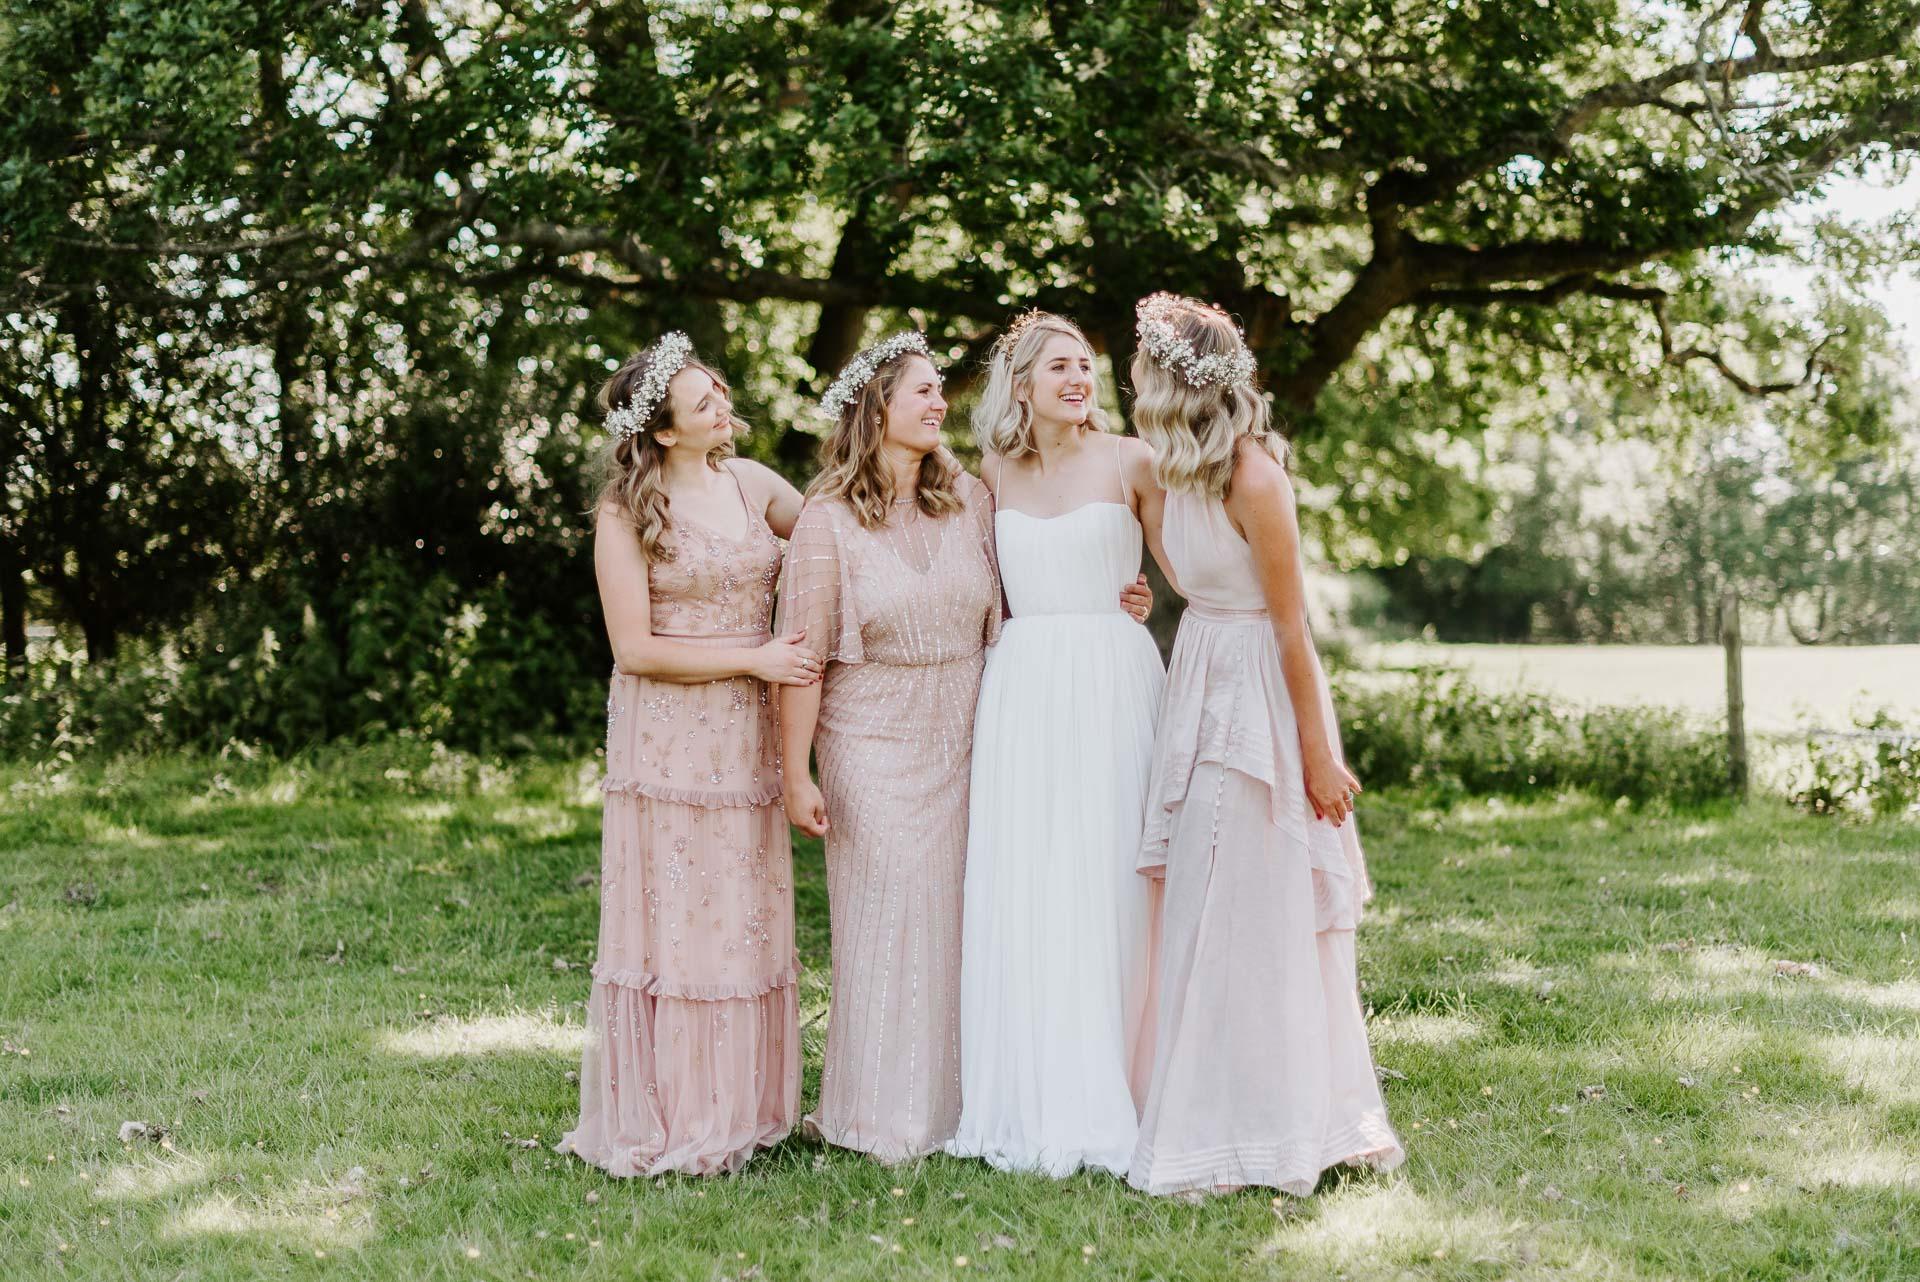 Henny_Jamie_East Sussex_Wedding_44.jpg